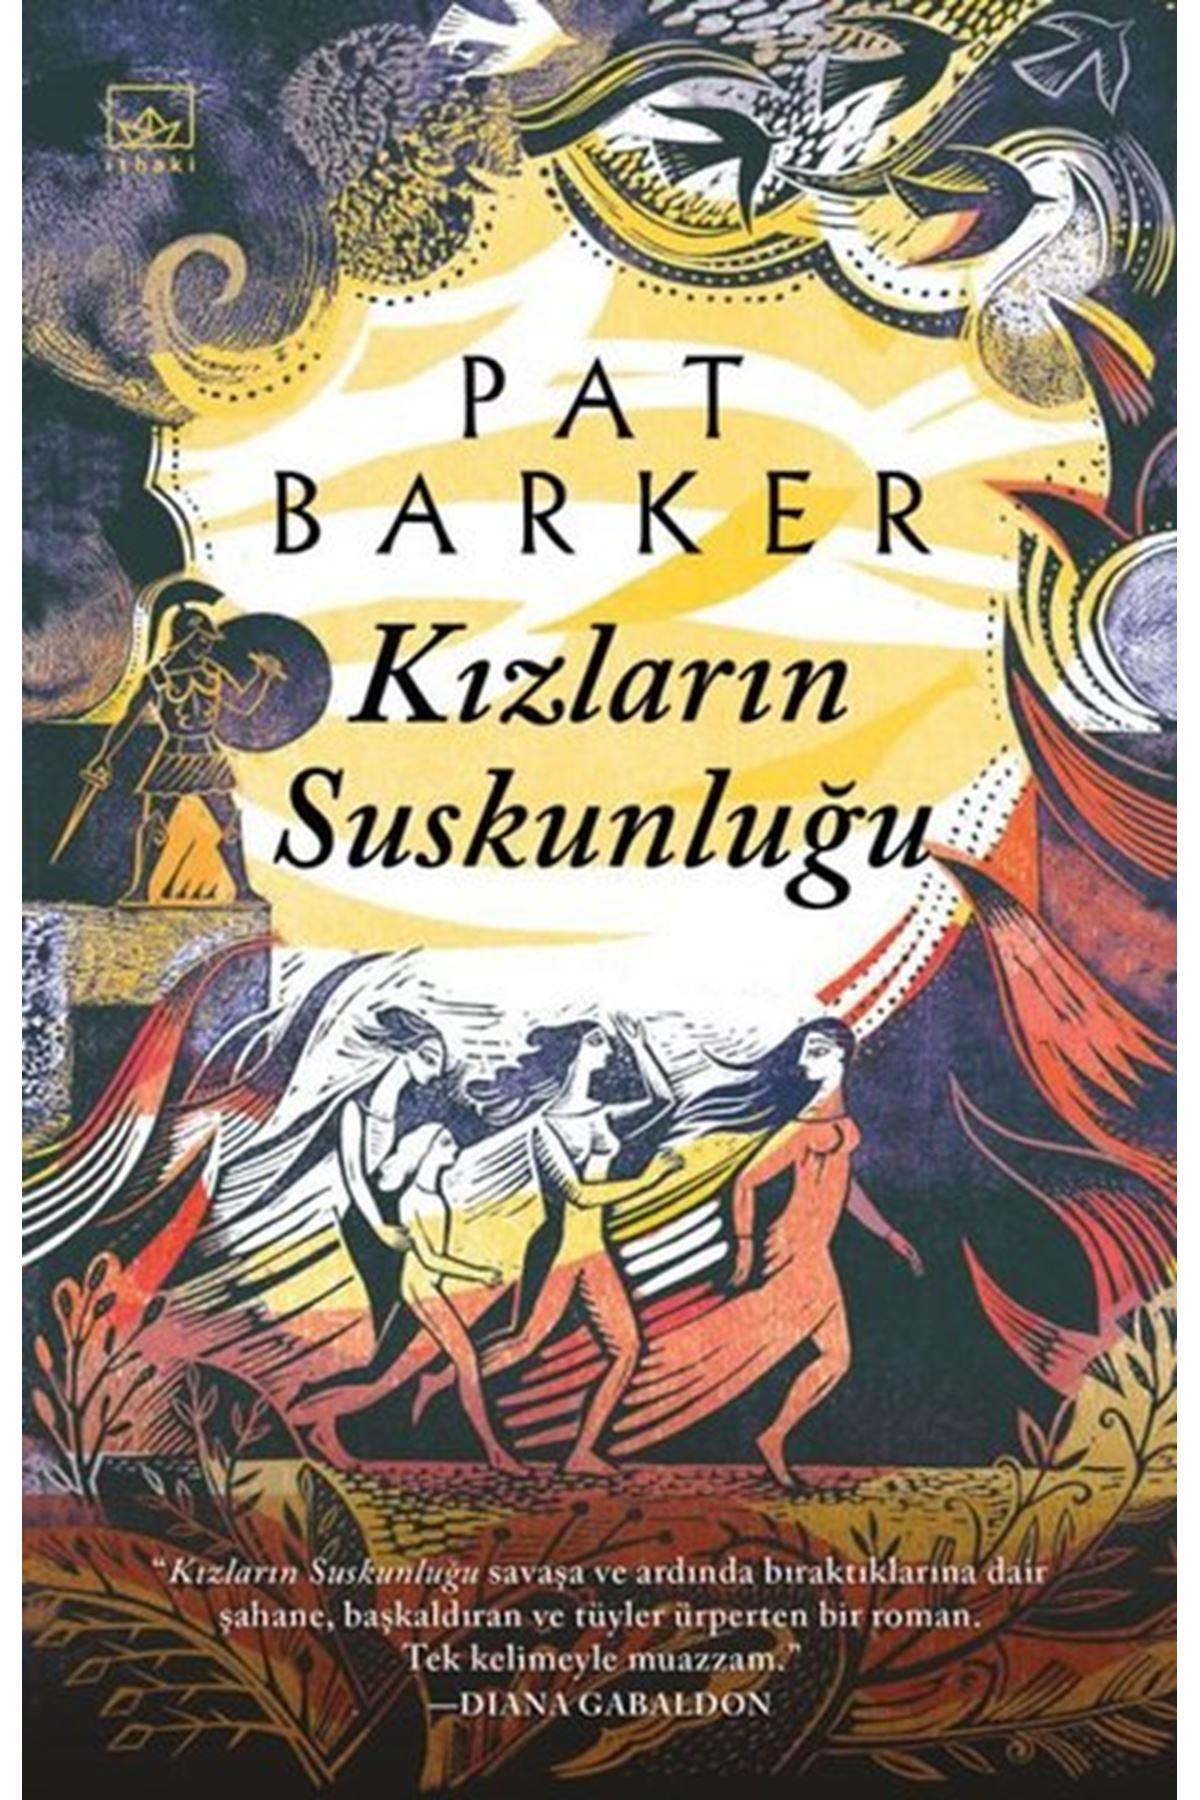 PAT BARKER - KIZLARIN SUSKUNLUĞU